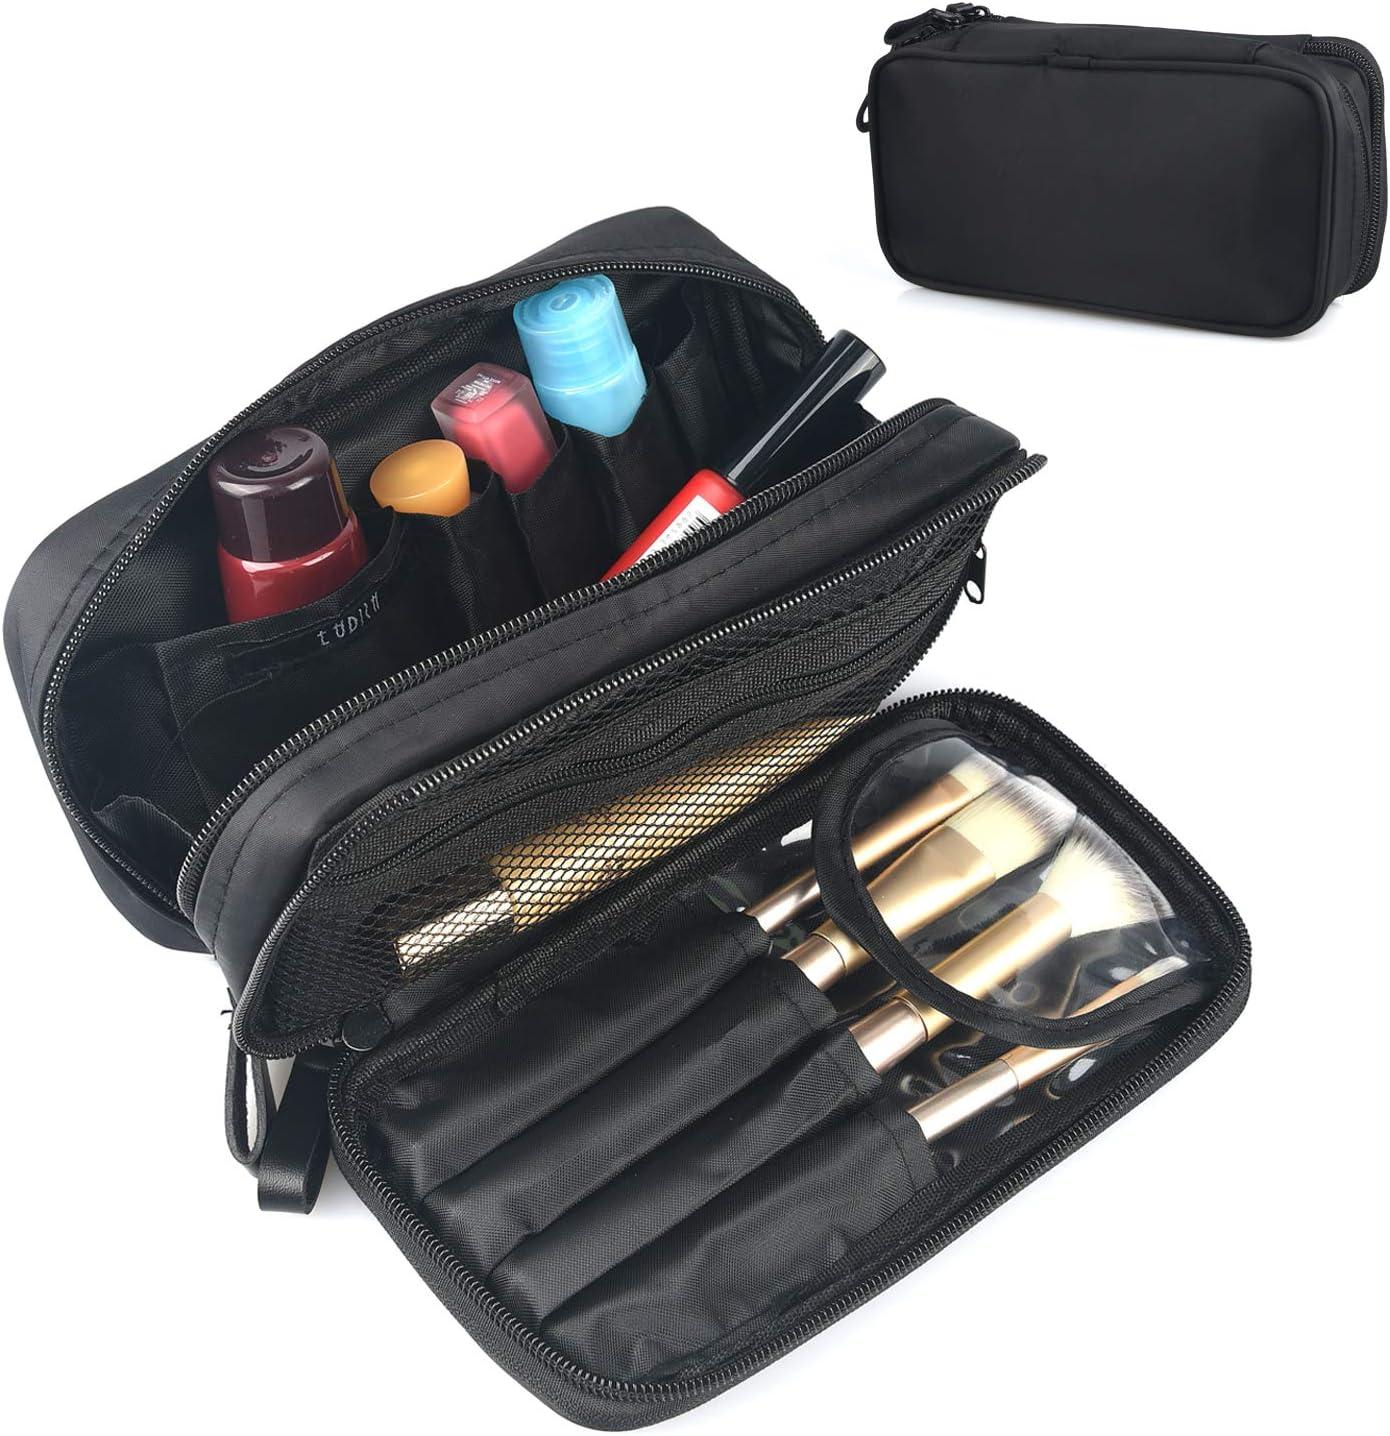 Kosmetiktasche Für Damen Make Up Tasche Schminktasche Kosmetikbeutel Beautycase Reise Kit Organizer Schwarz Amazon De Koffer Rucksäcke Taschen